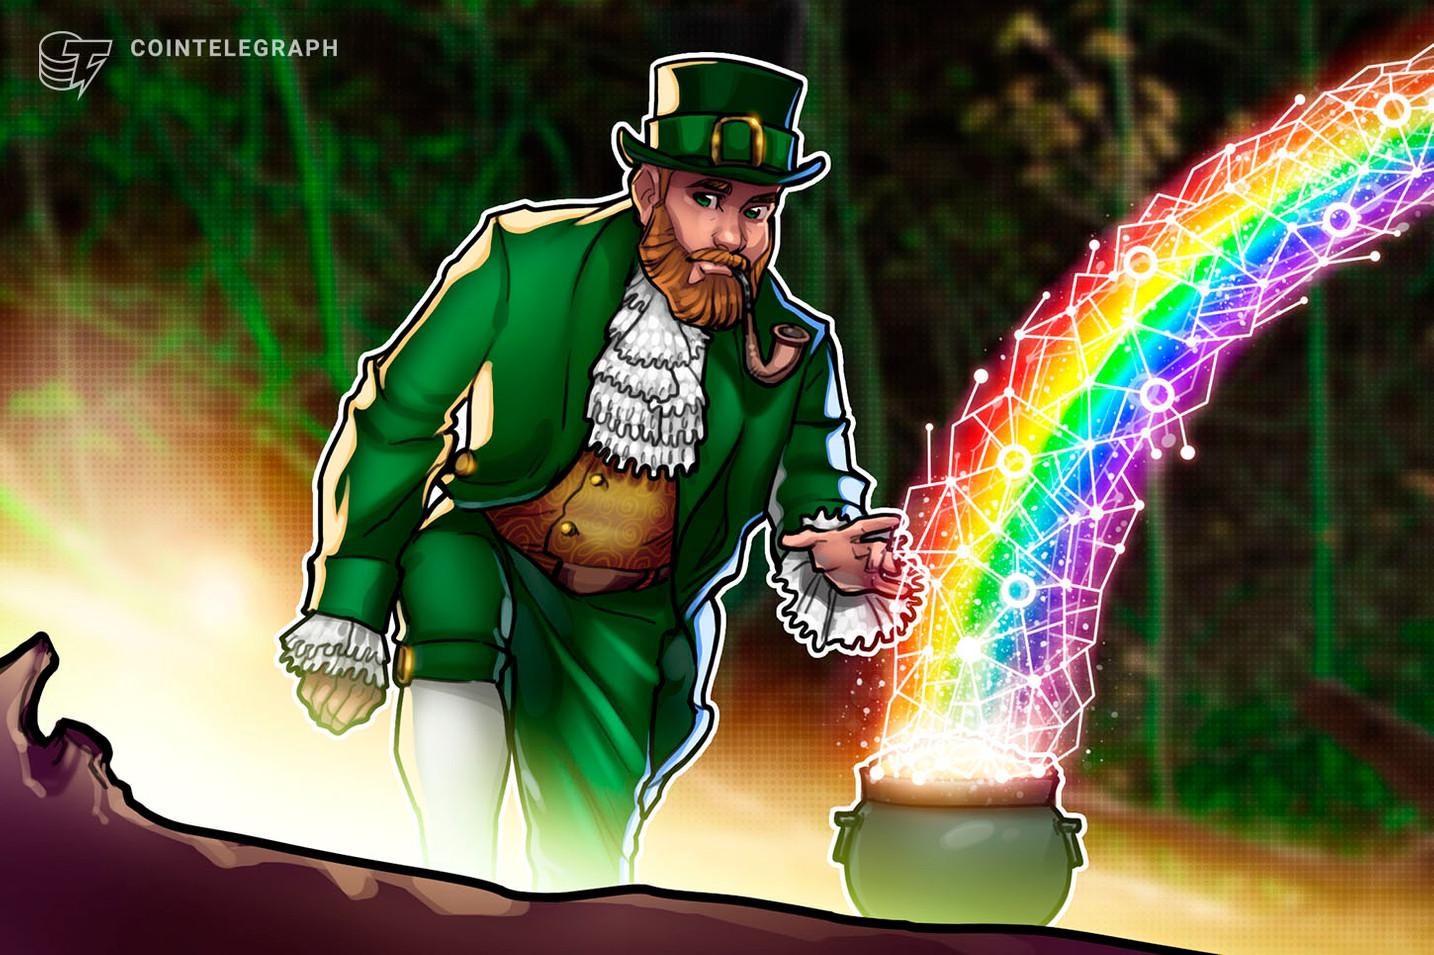 Ohne wenn und aber: Irische Krypto-Firmen müssen sich erstmals an Geldwäsche-Regulierung halten